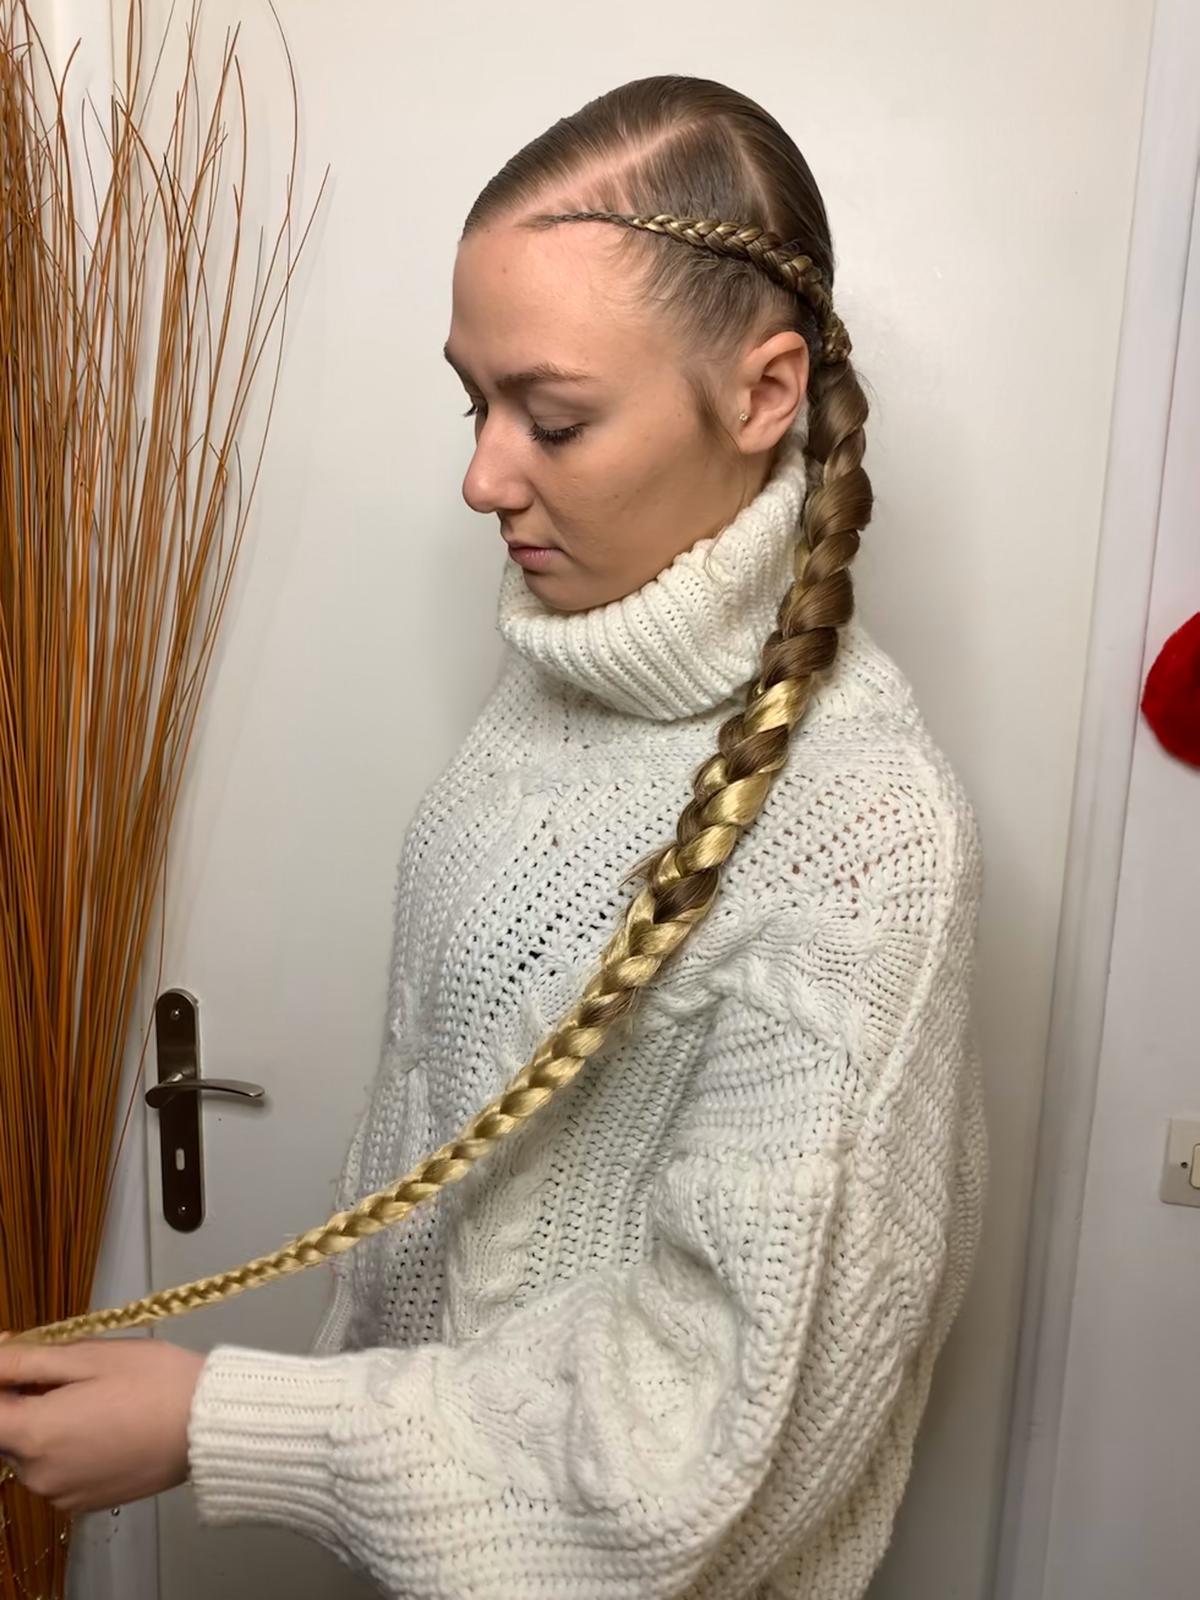 salon de coiffure afro tresse tresses box braids crochet braids vanilles tissages paris 75 77 78 91 92 93 94 95 UIHRIUAV